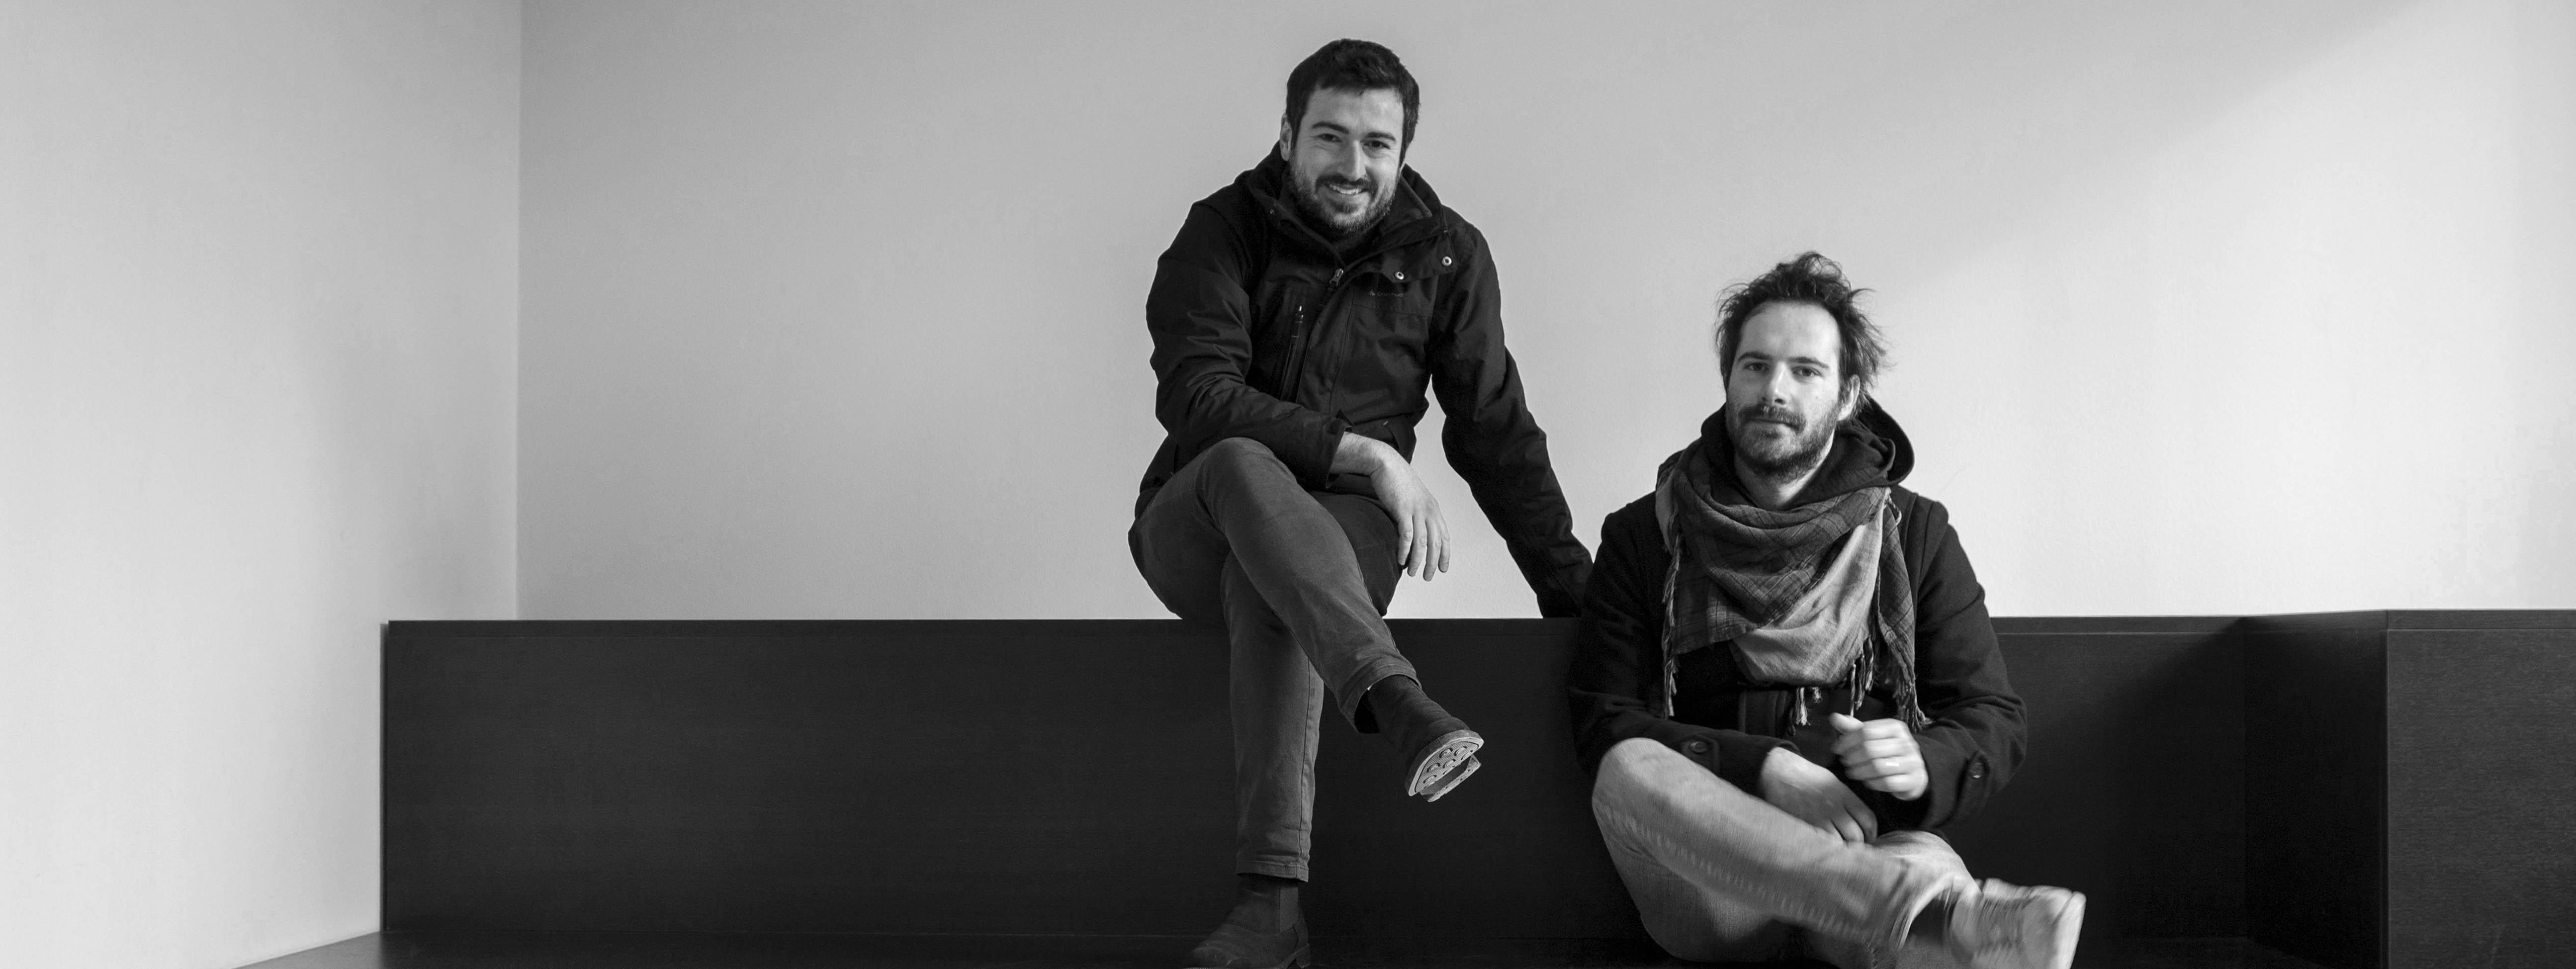 Alessandro Bucci Architetti chi siamo – q.b. atelier popolare d'architettura